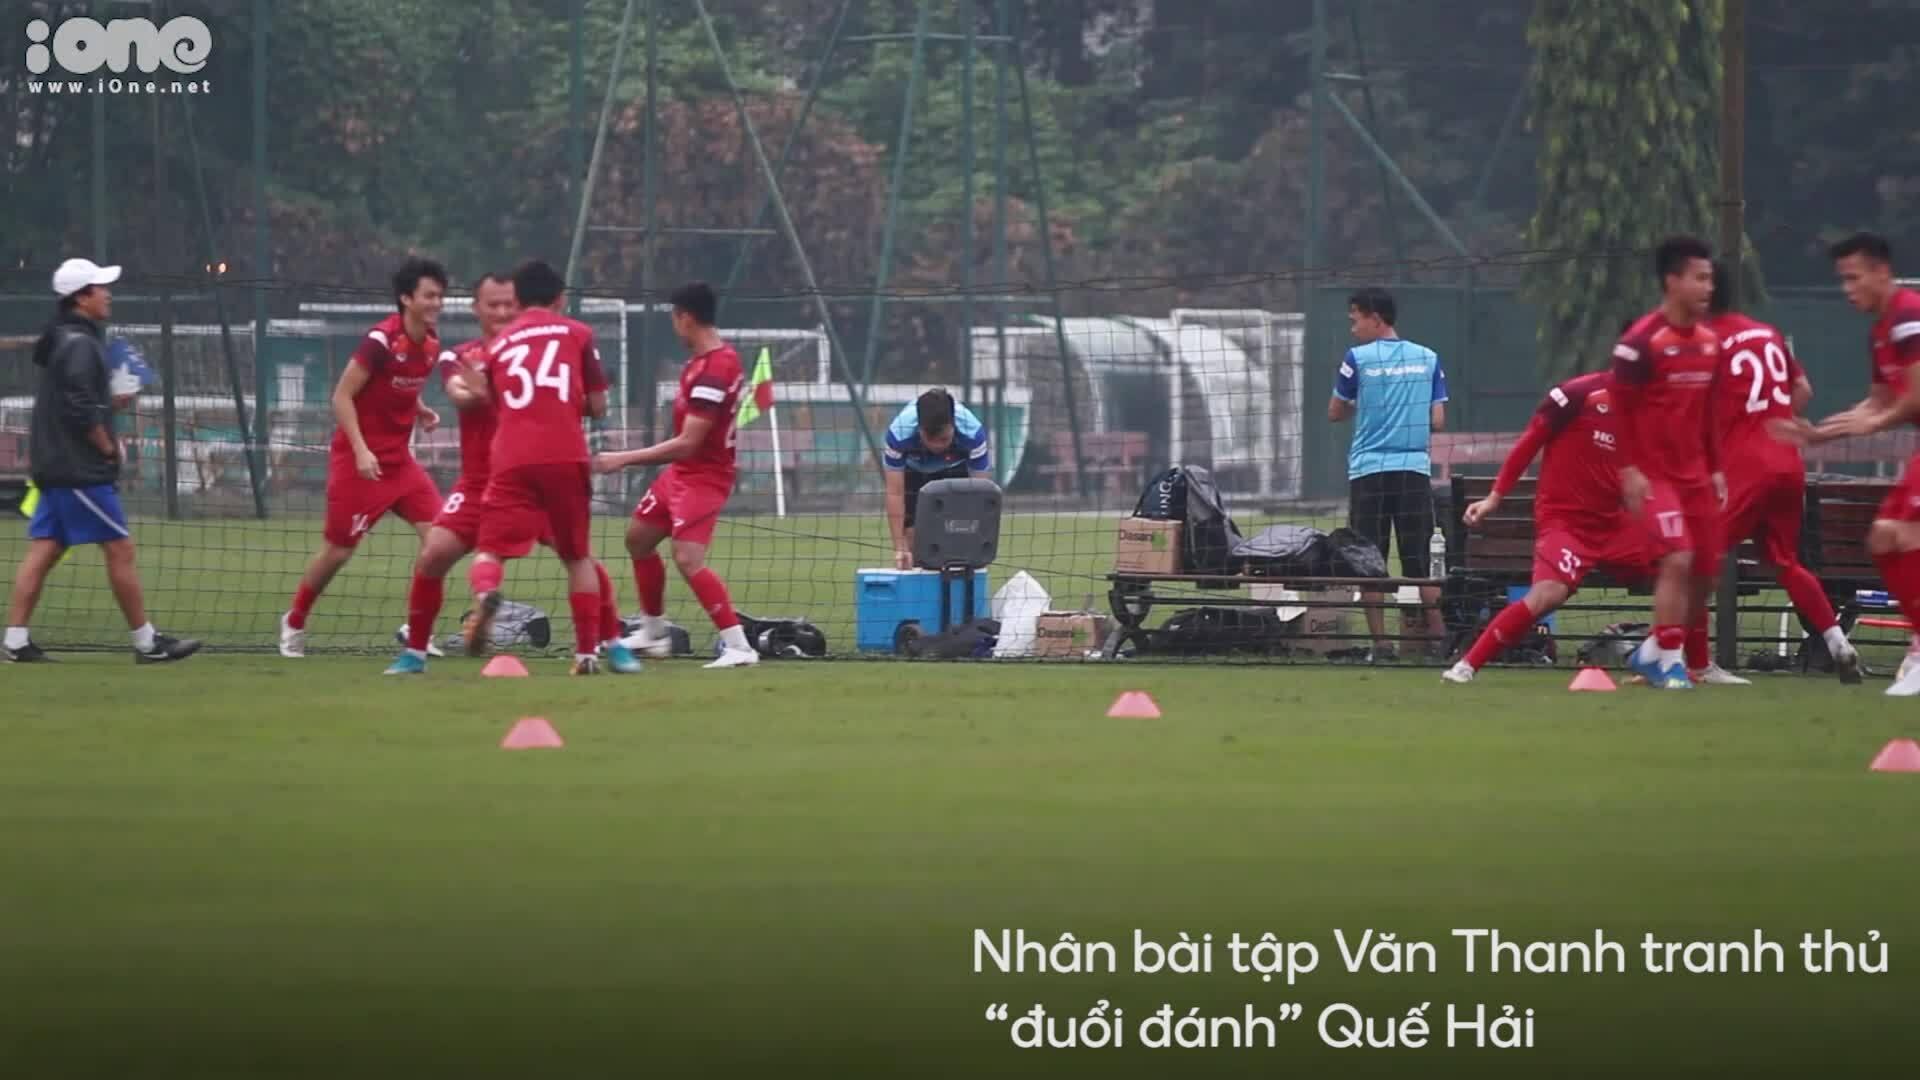 Đội tuyển Việt Nam hào hứng với bài tập mới